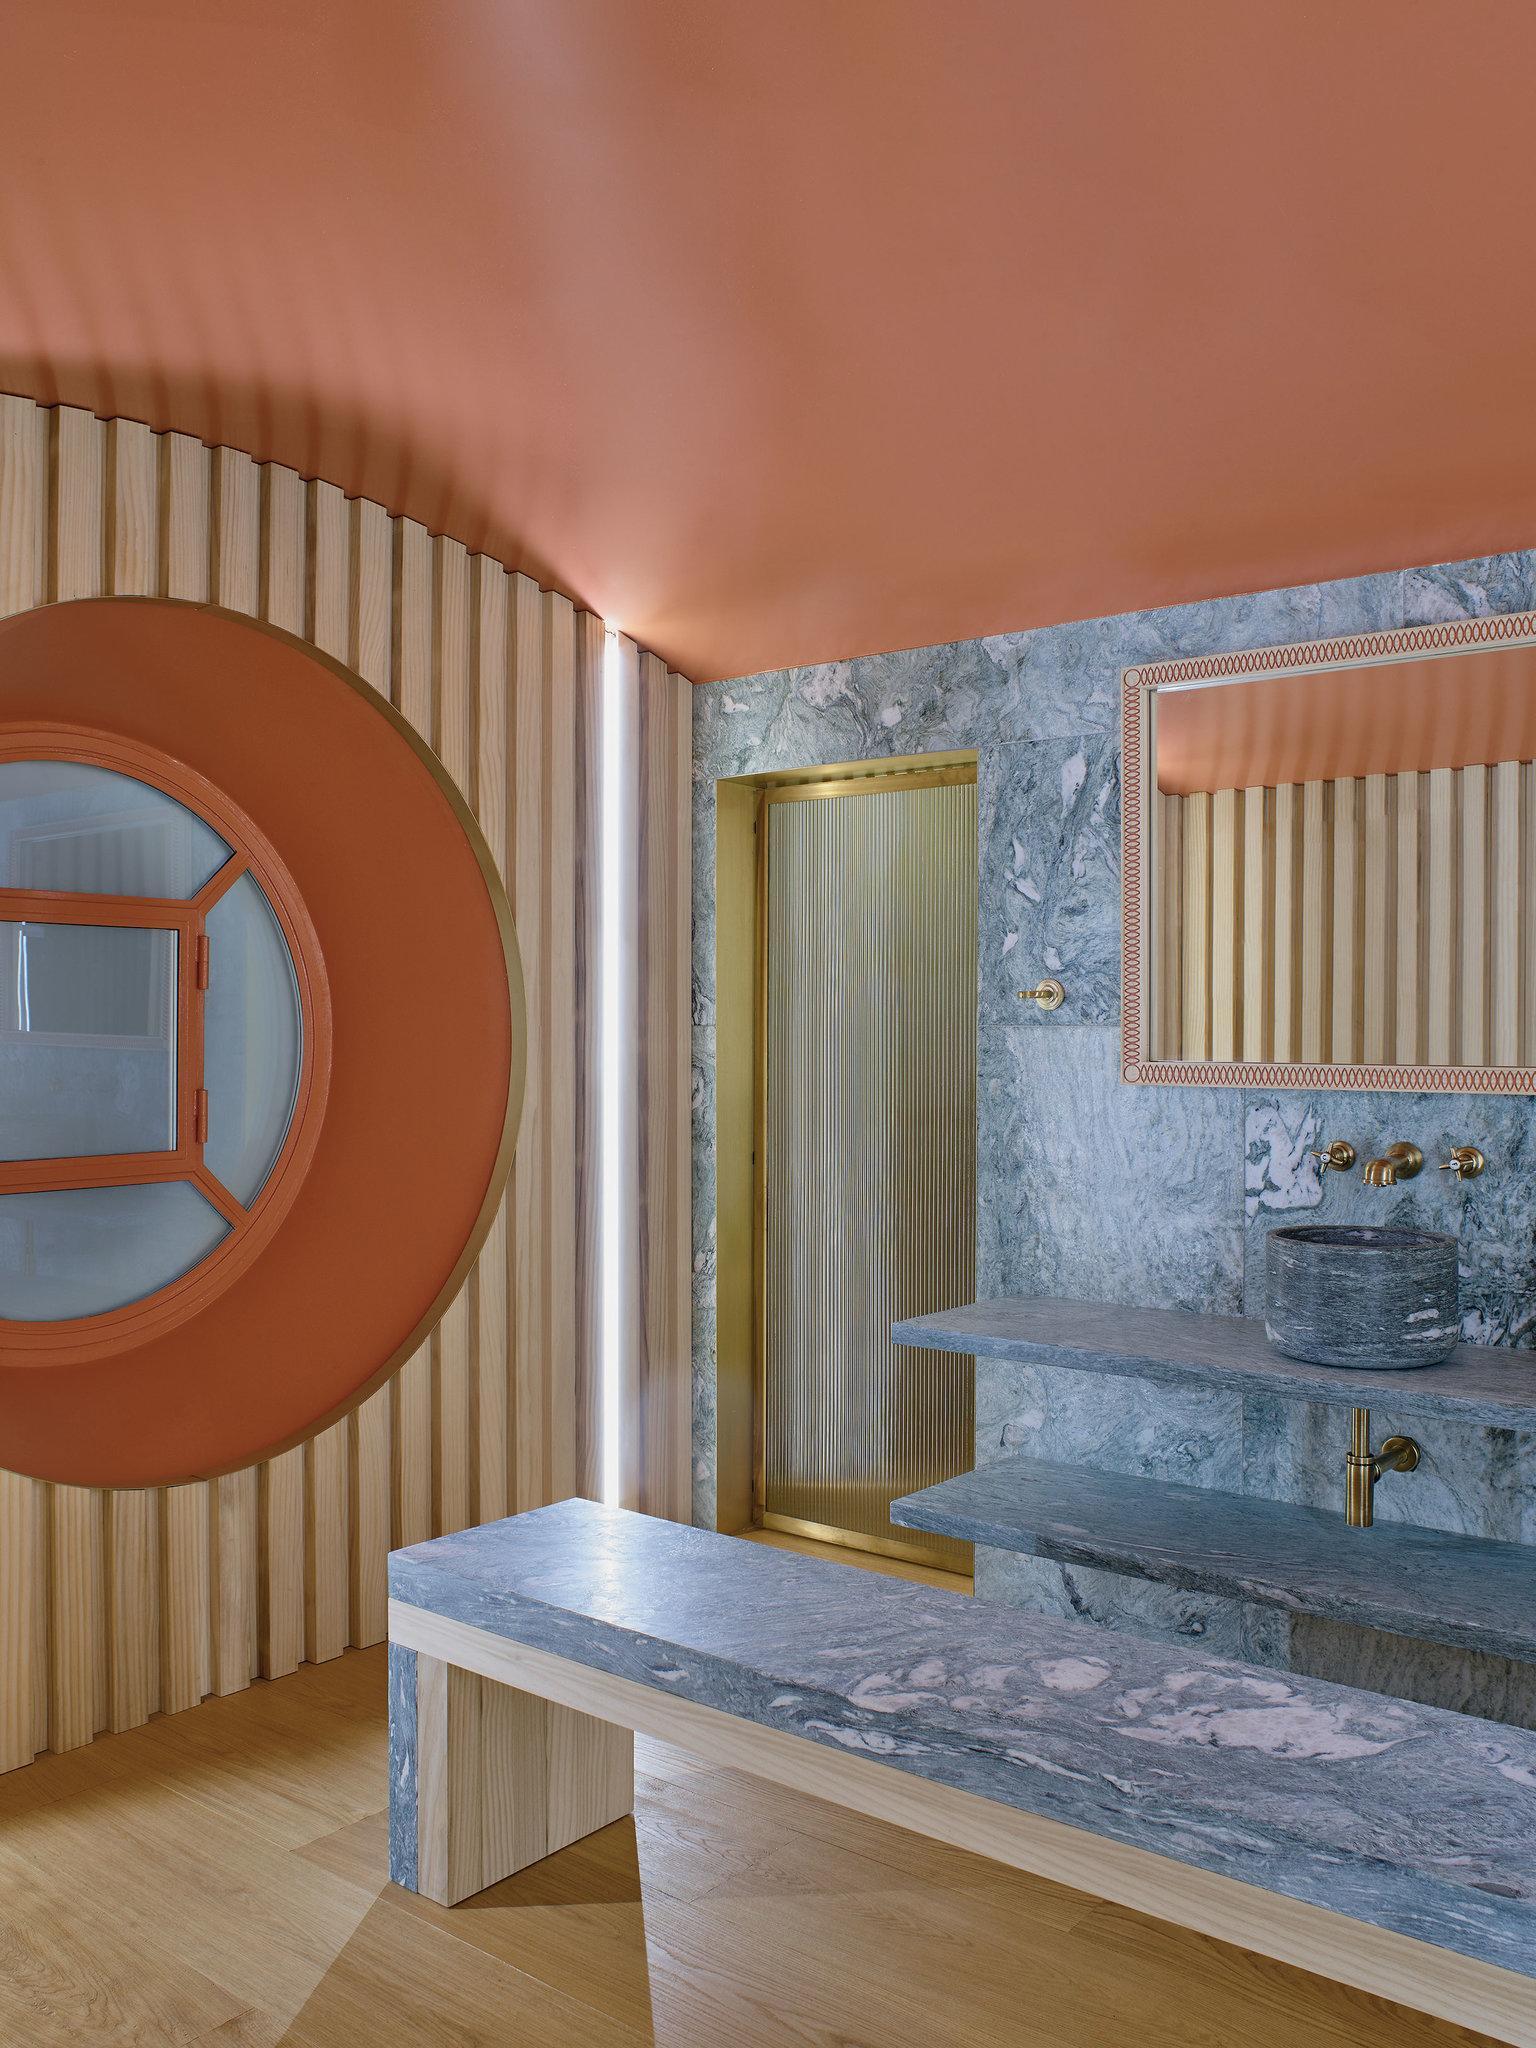 Badrummet i korall och marmor som leder till inomhuspolen, Studio Luca Guadagnino. Bild: Henry Bourne